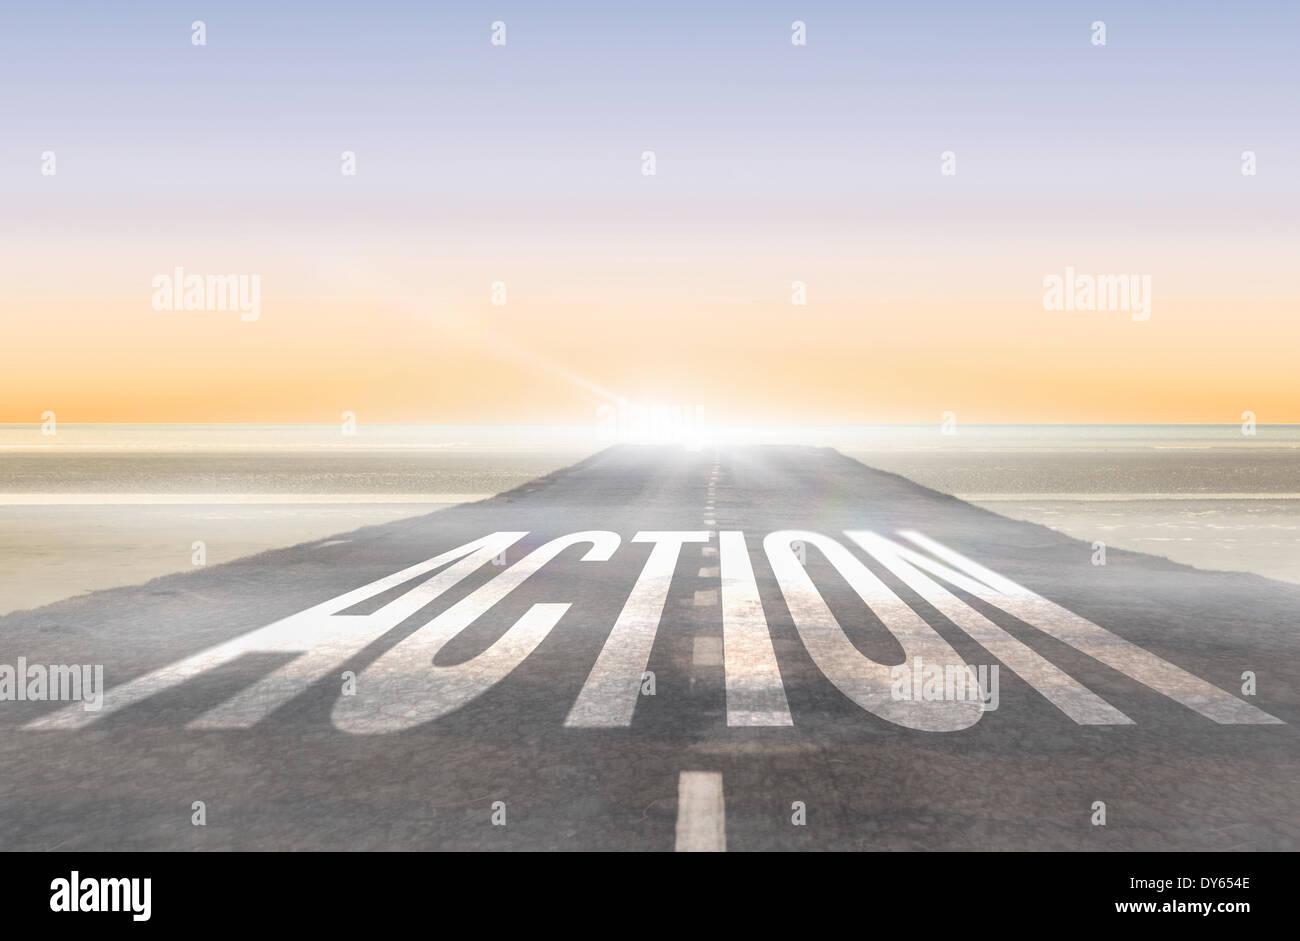 Acción contra la carretera que conduce hasta el horizonte Imagen De Stock